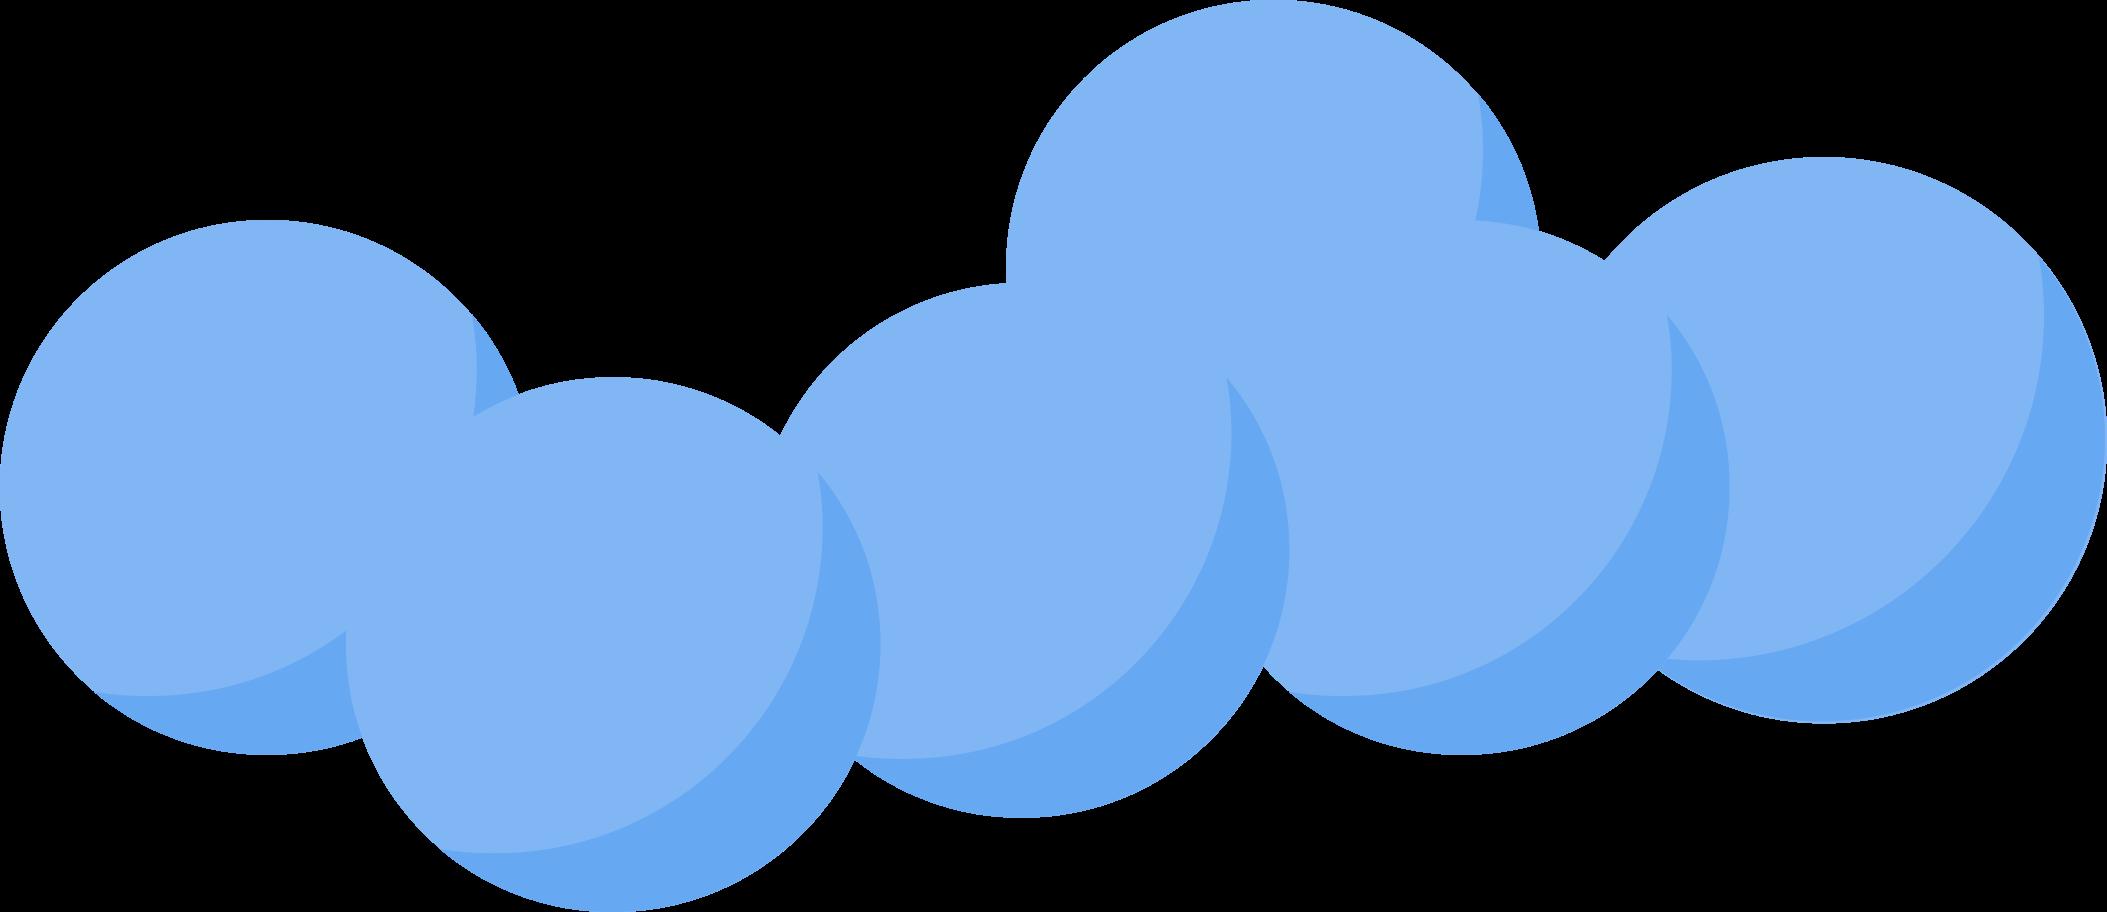 apples Clipart illustration in PNG, SVG